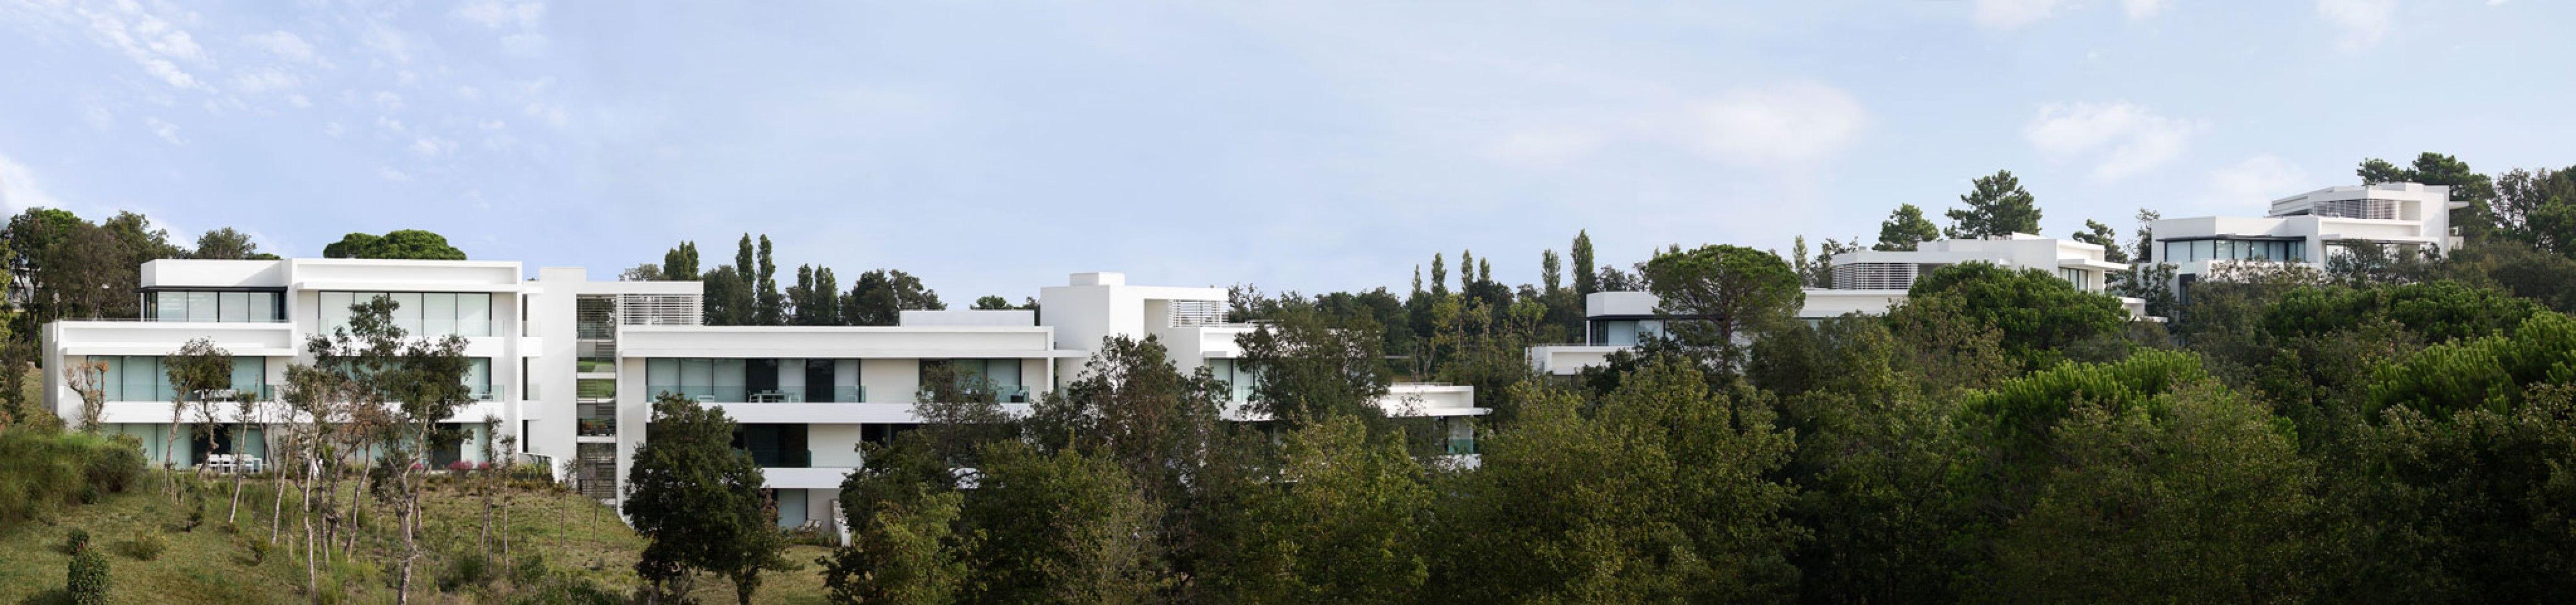 Apartamentos la selva por jaime prous arquitectos. Fotografía por Gael del Rio.